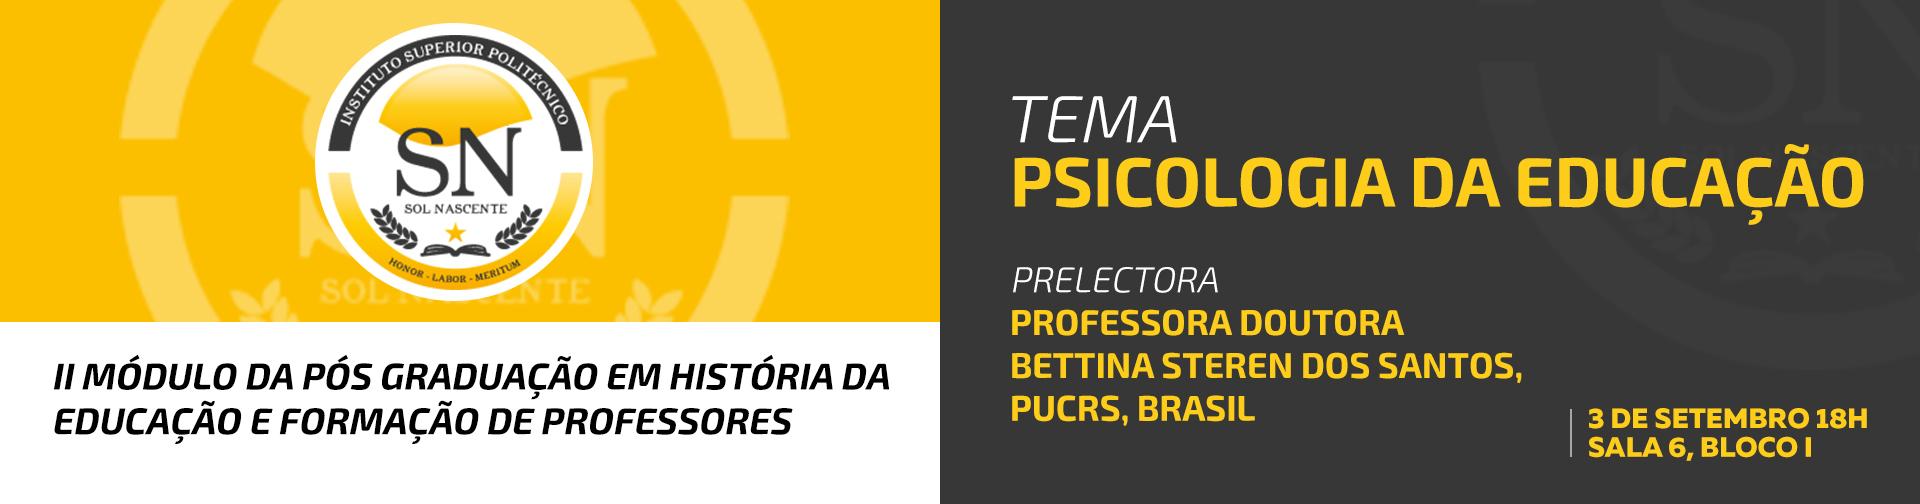 /ii-modulo-da-pos-graduacao-em-historia-da-educacao-e-formacao-de-professores